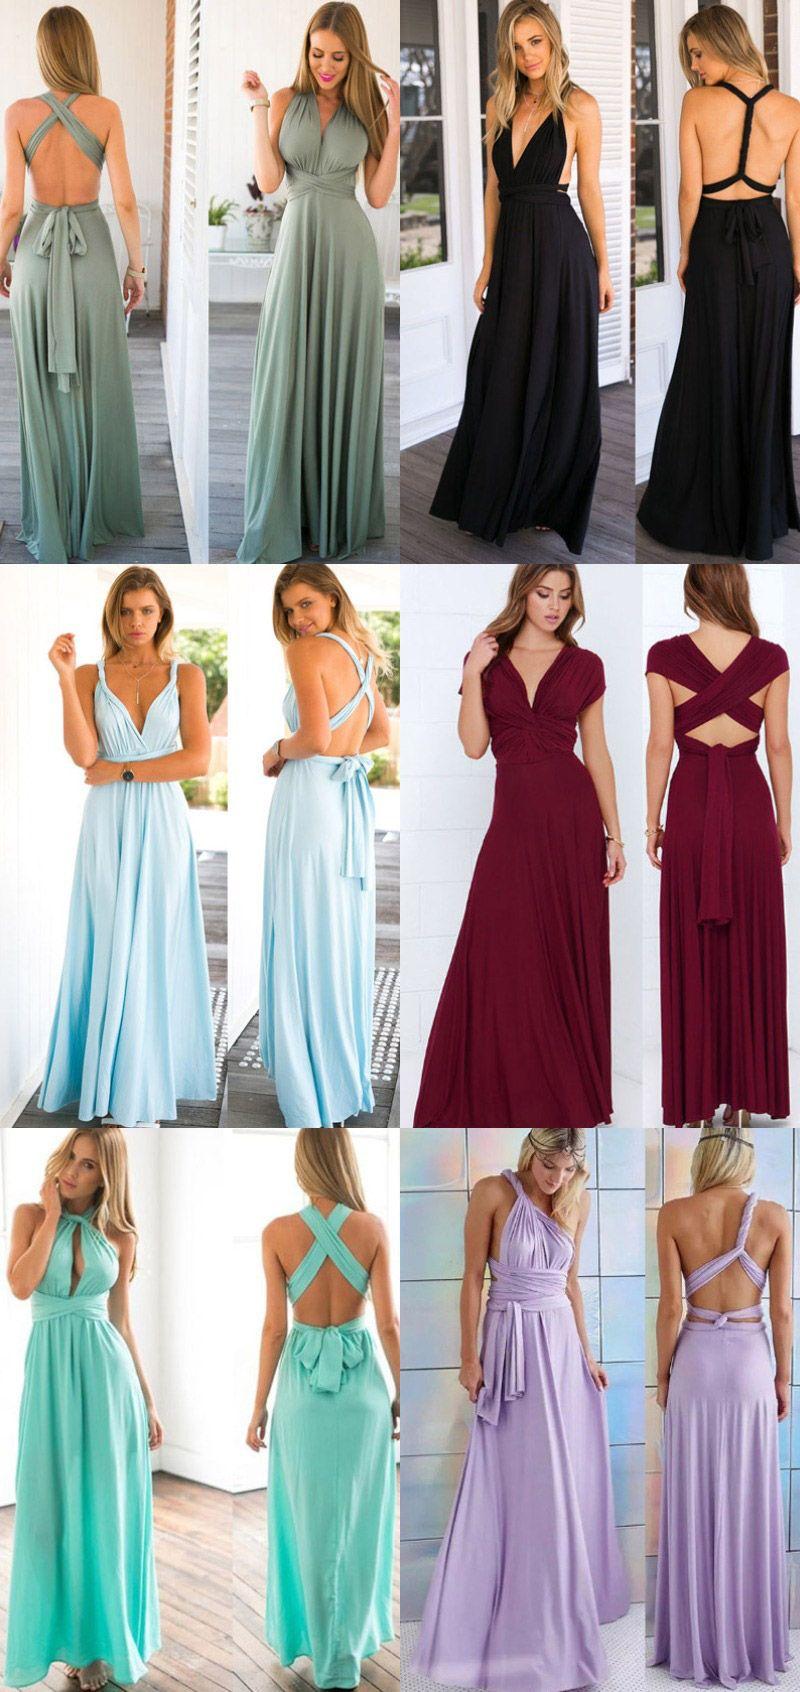 4bdba7391f4f89 Vestido Festa Madrinha Longo Multiformas De Amarrar - 11 Cores Disponíveis  | UFashionShop